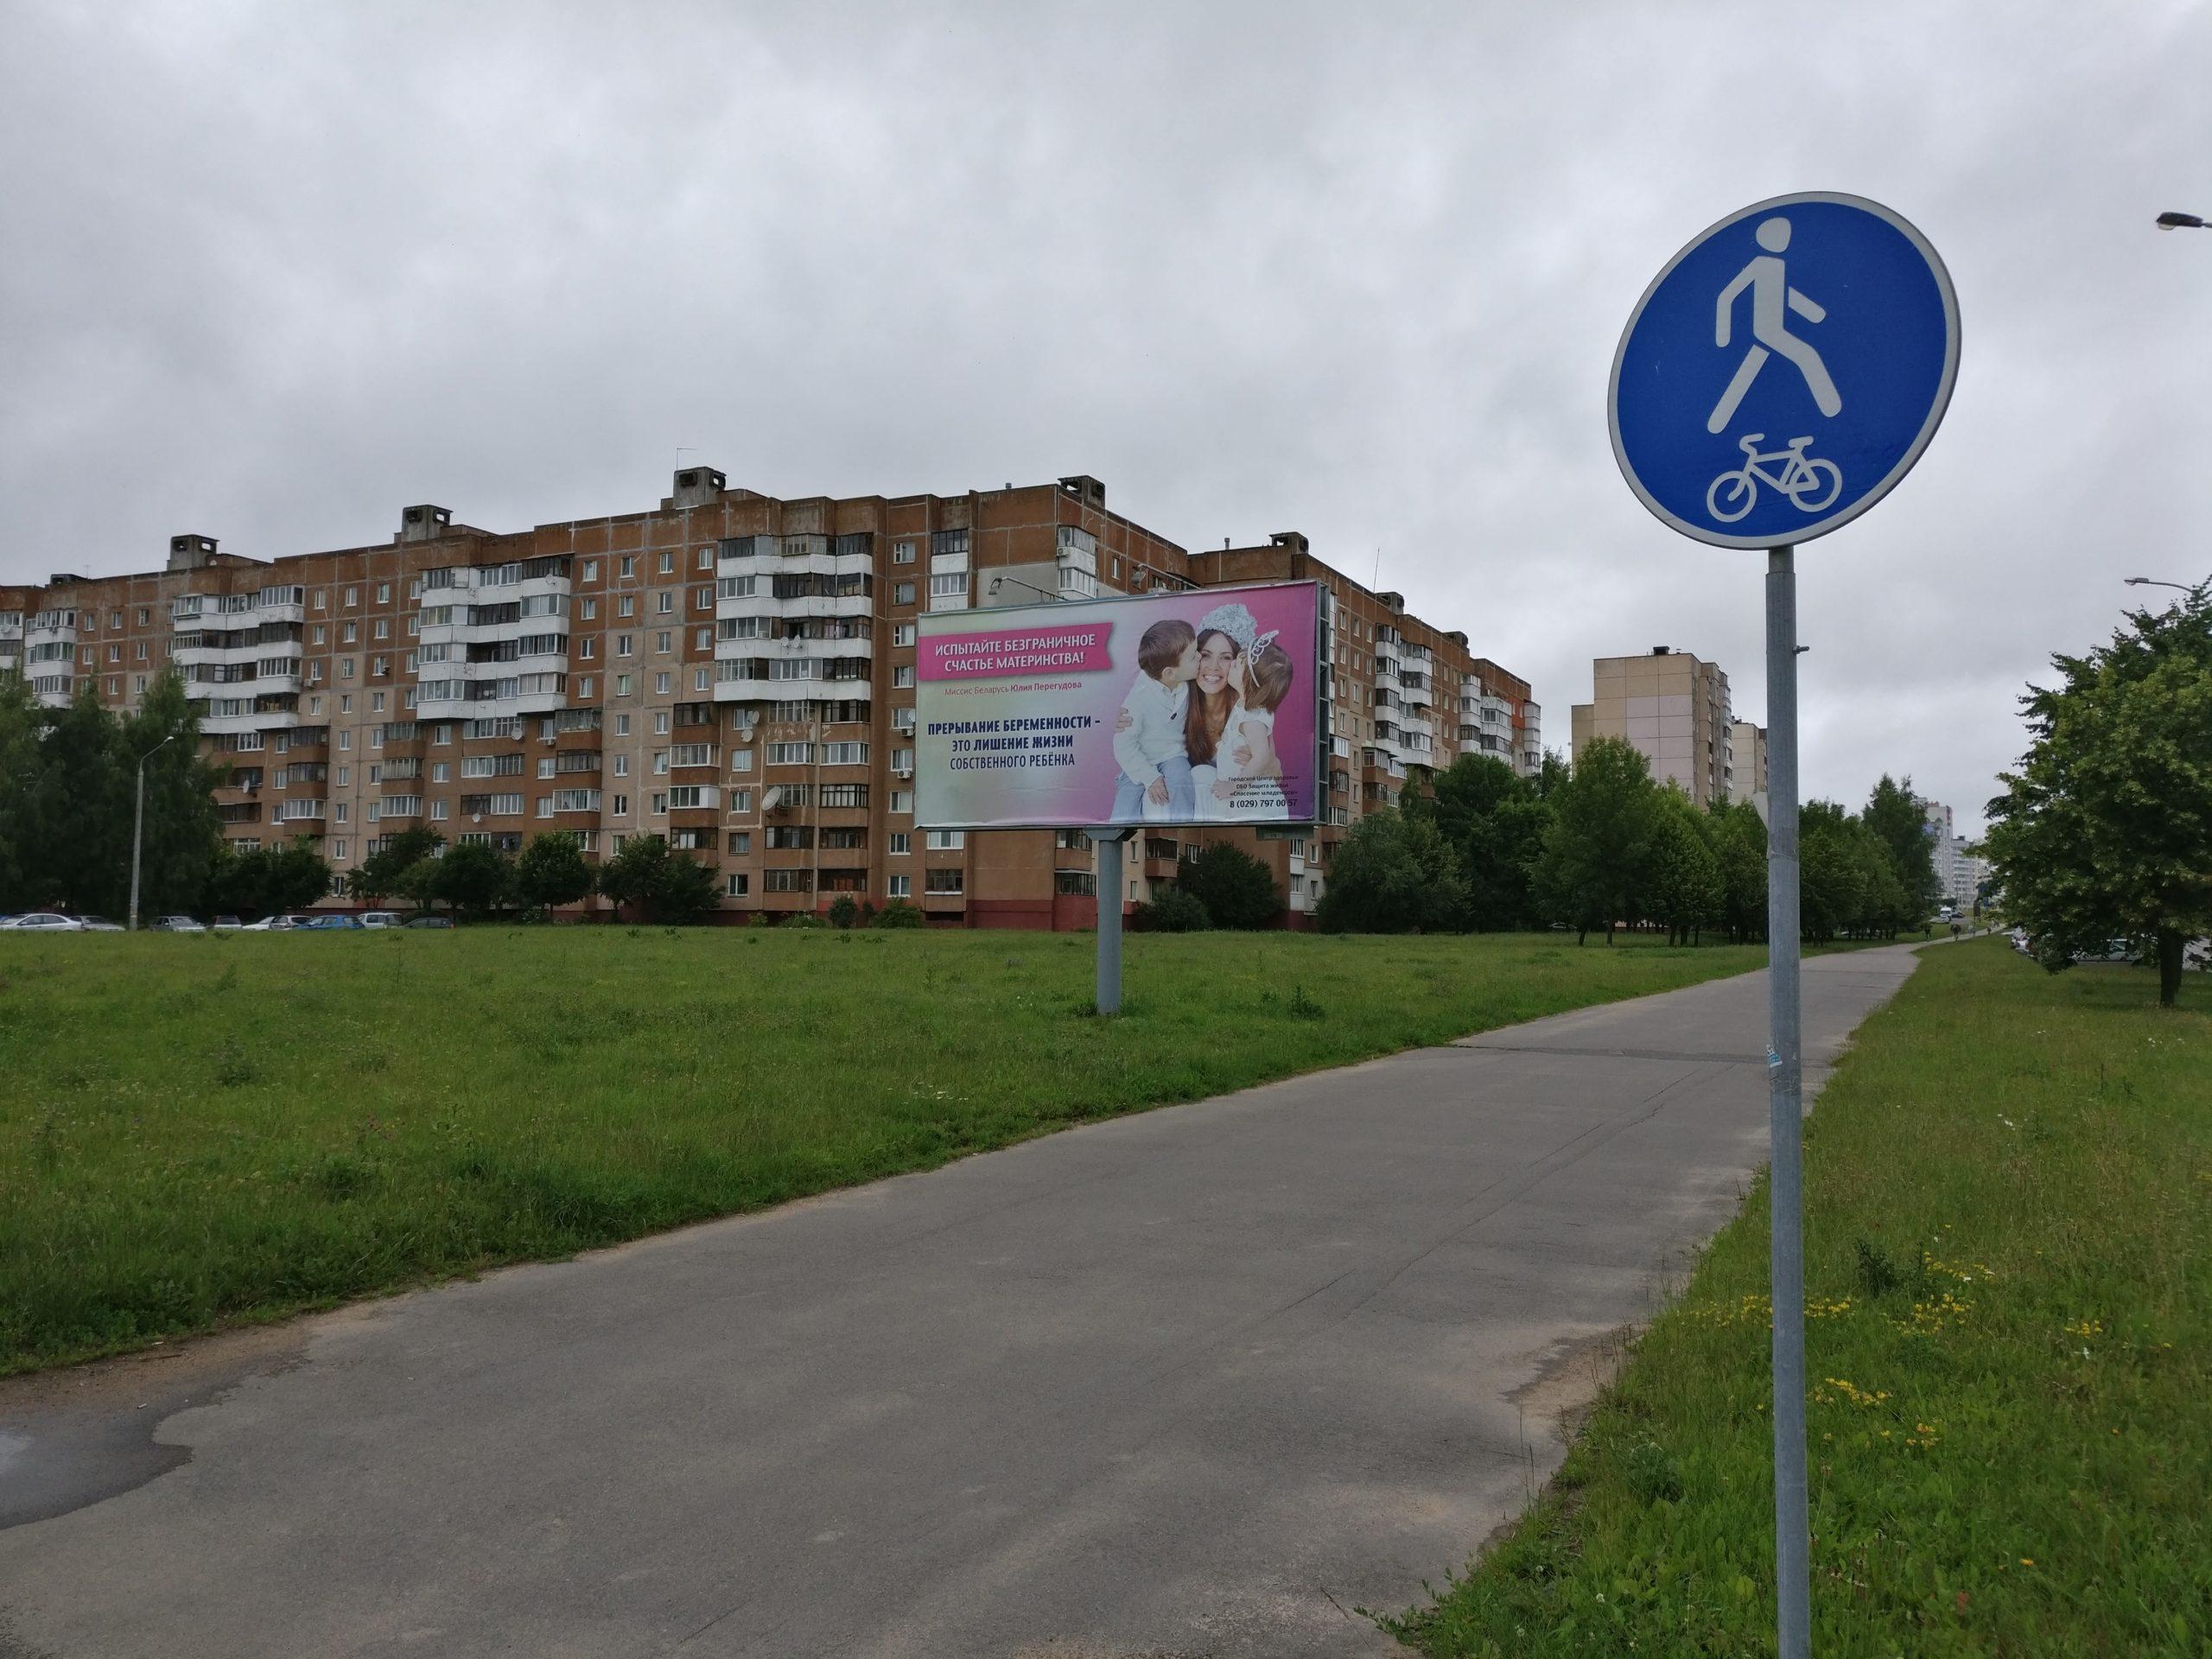 Реклама на ул. Лобанка 62 - Мазурова